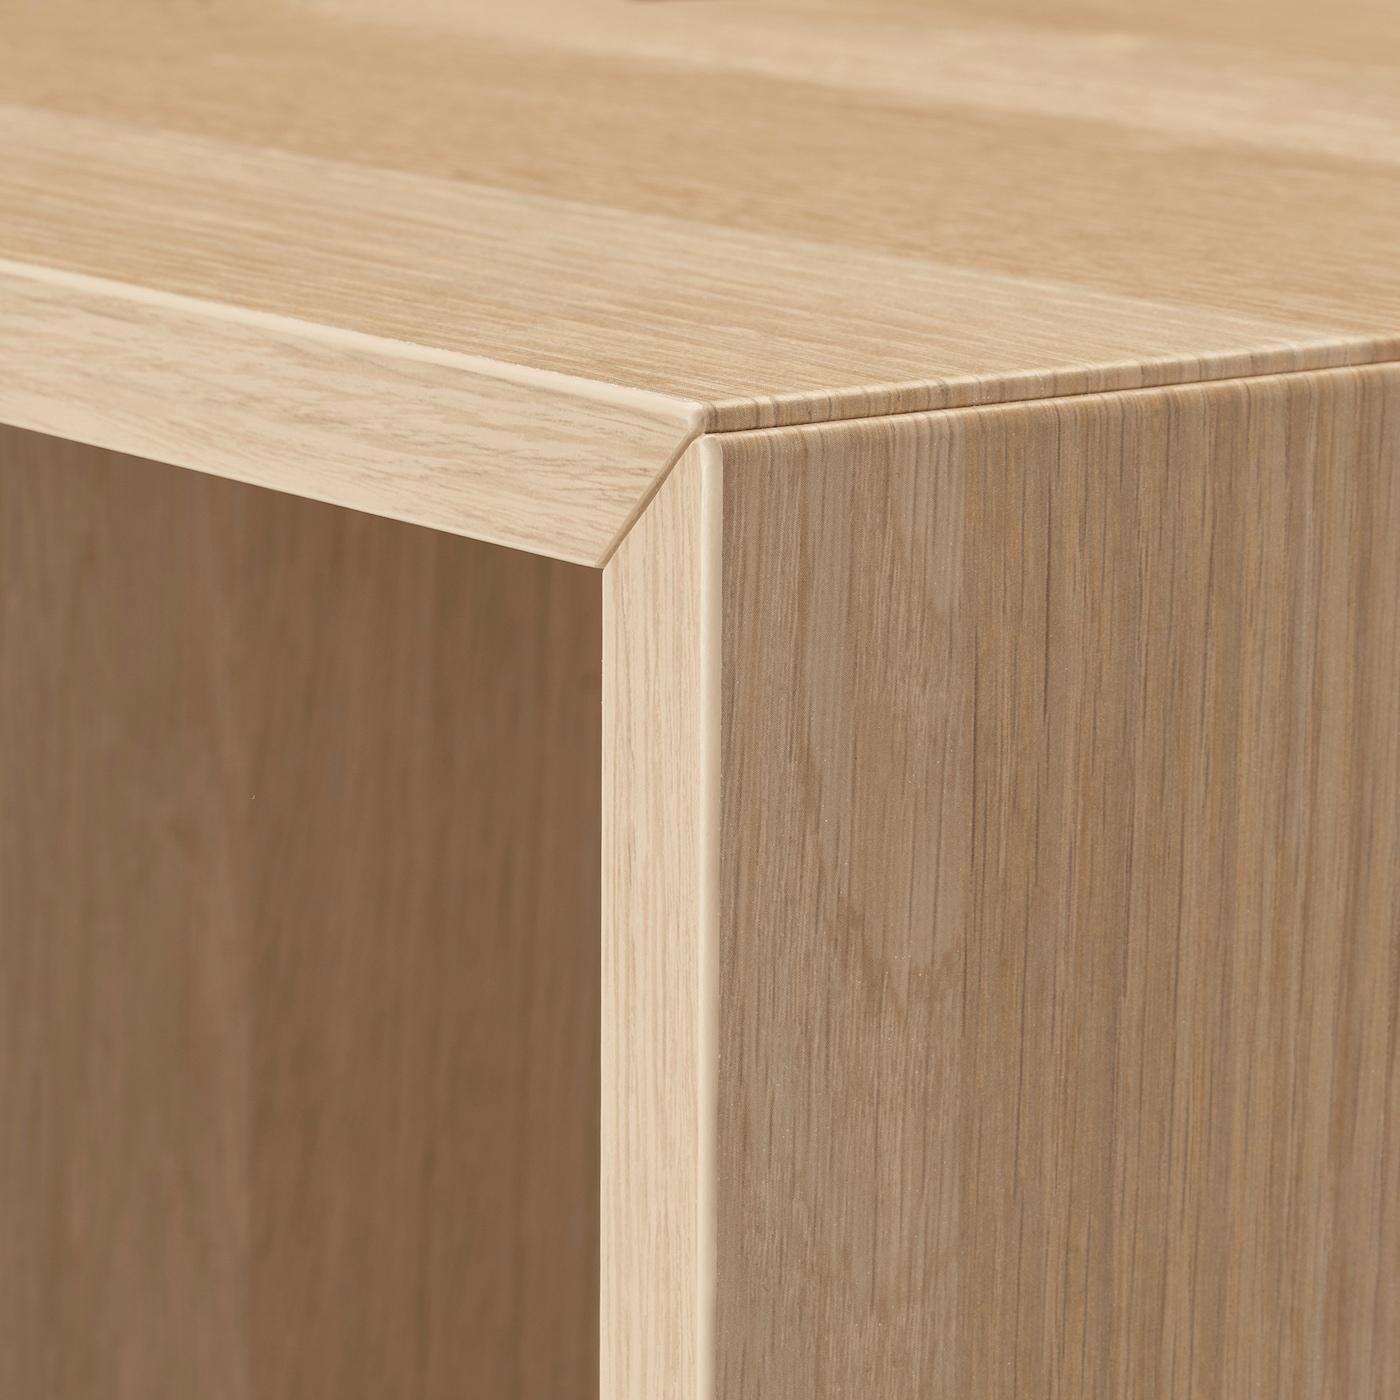 EKET skříňka se 4 přihrádkami vz. bíle moř. dub 70 cm 35 cm 70 cm 7 kg